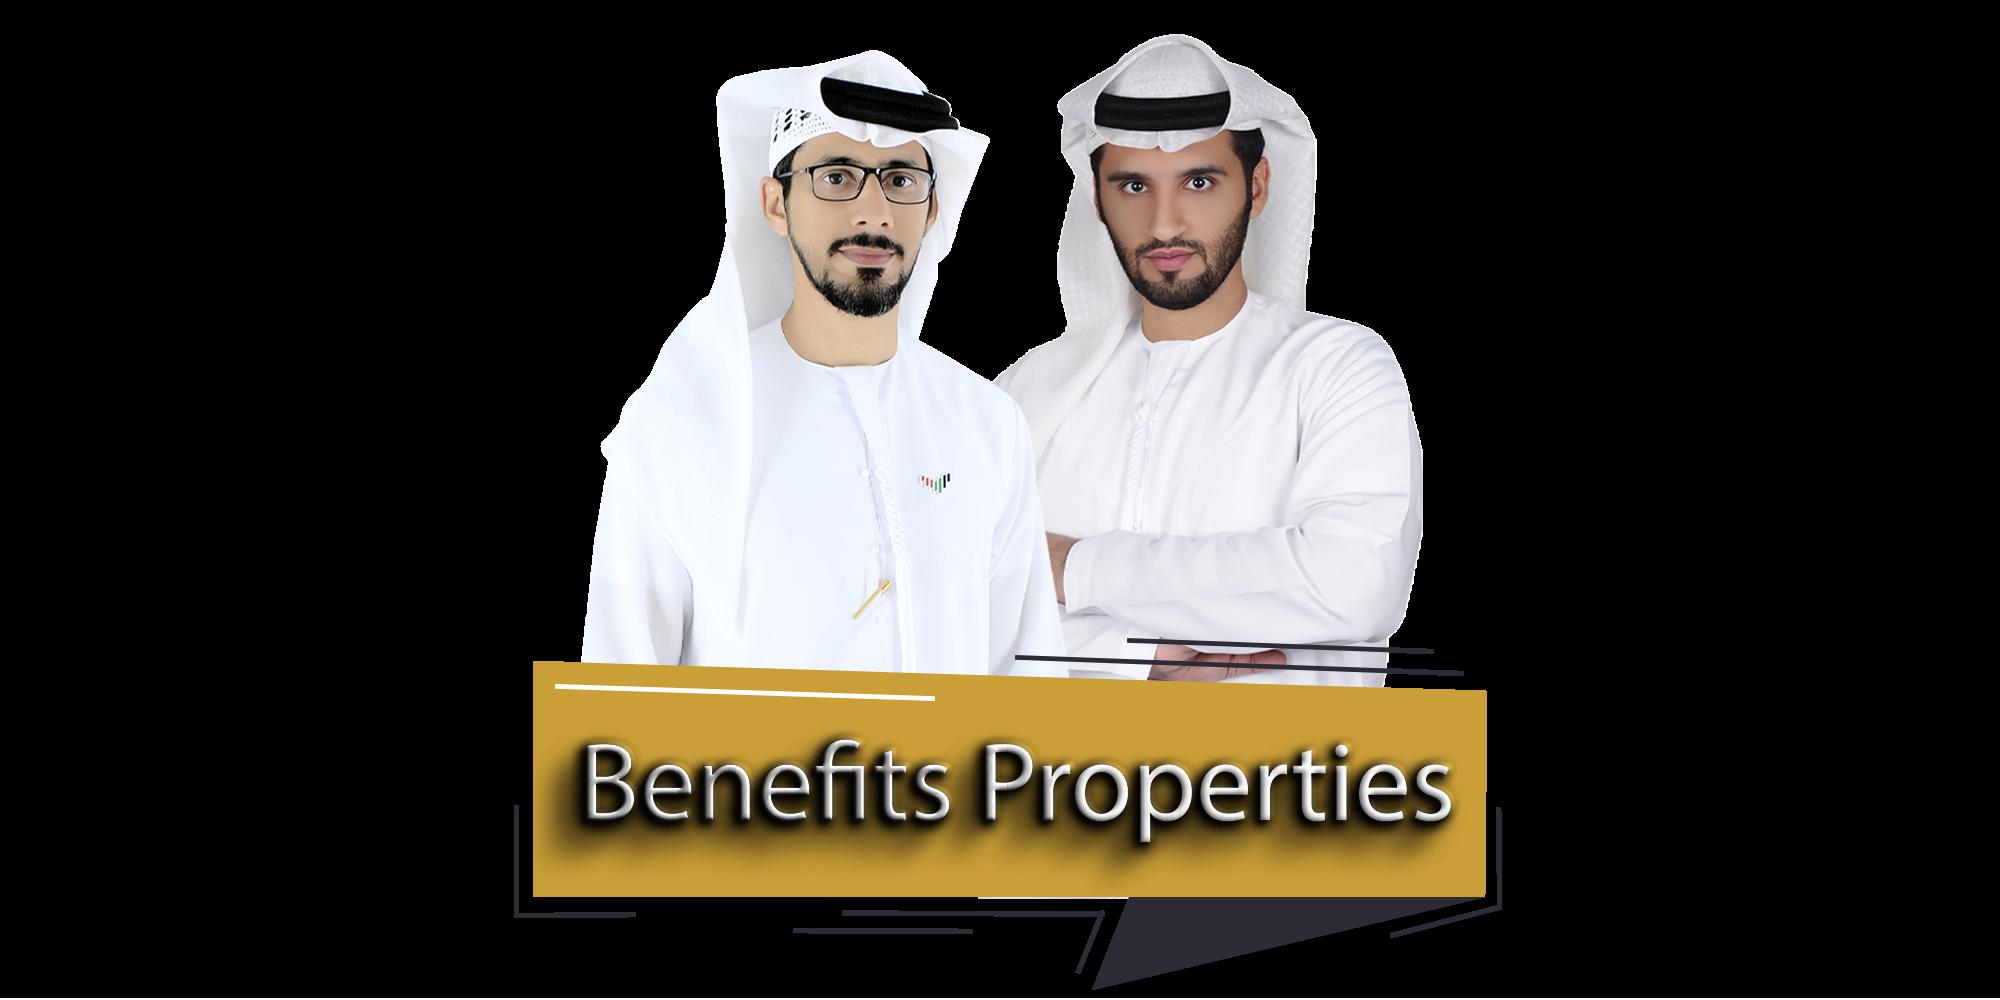 Benefits Properties